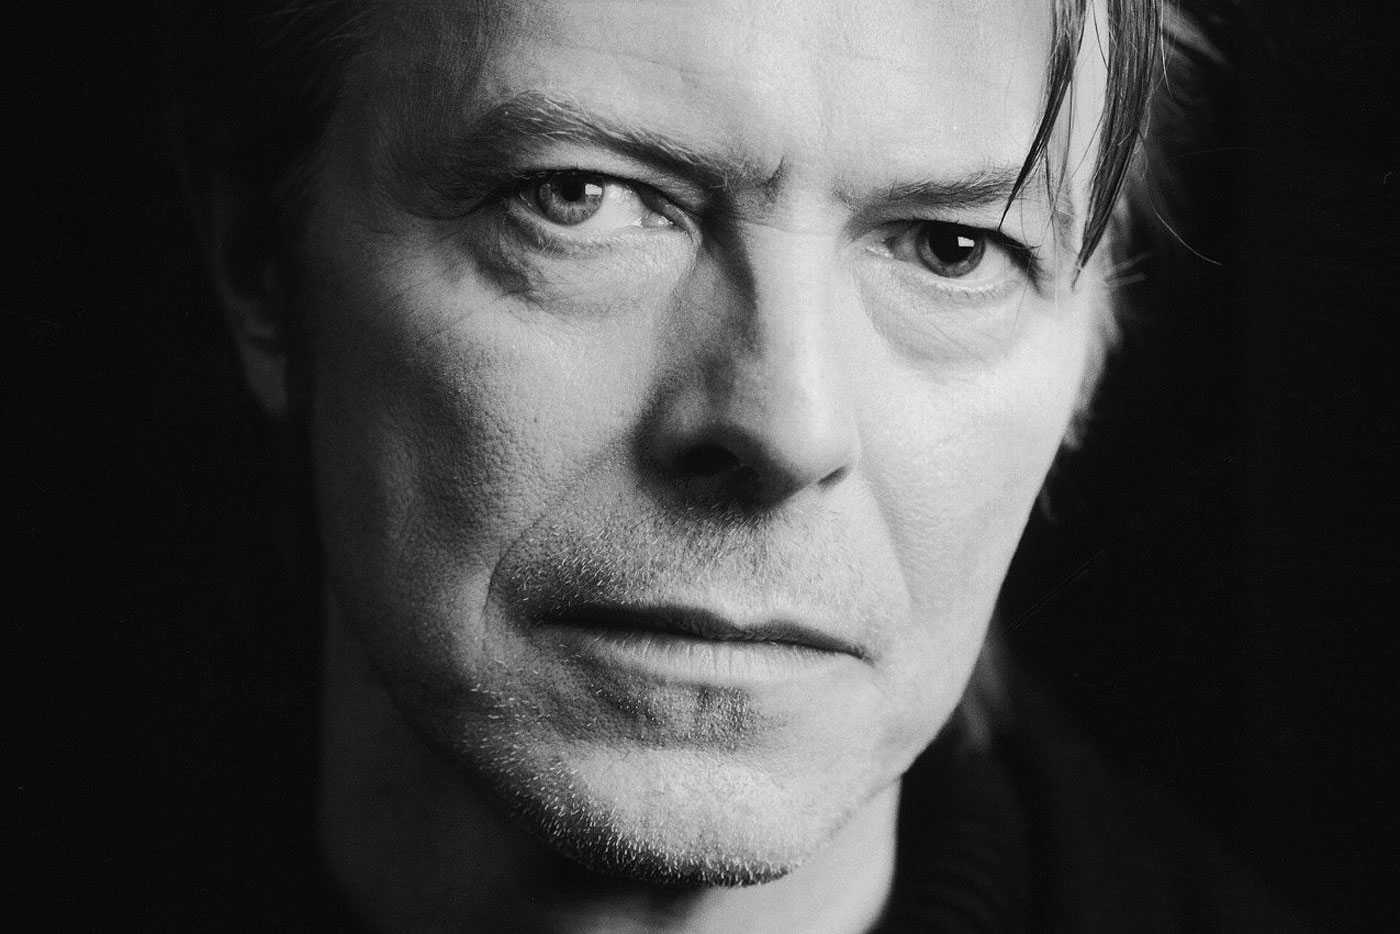 Entrevistas históricas especial 200 – David Bowie